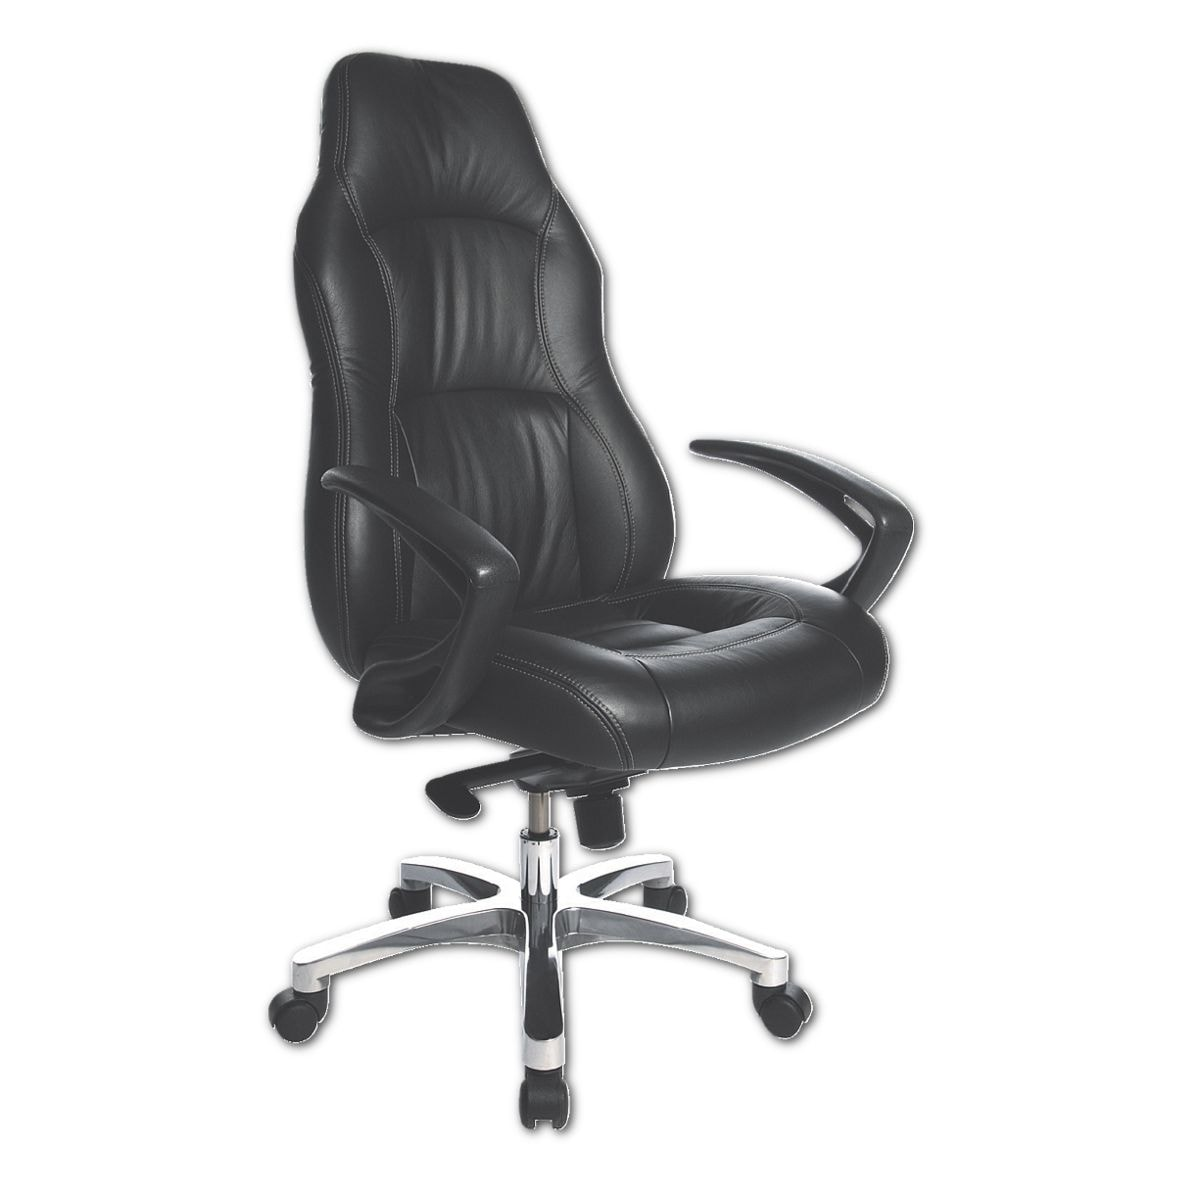 leder chefsessel topstar rs1 mit armlehnen bei otto office g nstig kaufen. Black Bedroom Furniture Sets. Home Design Ideas